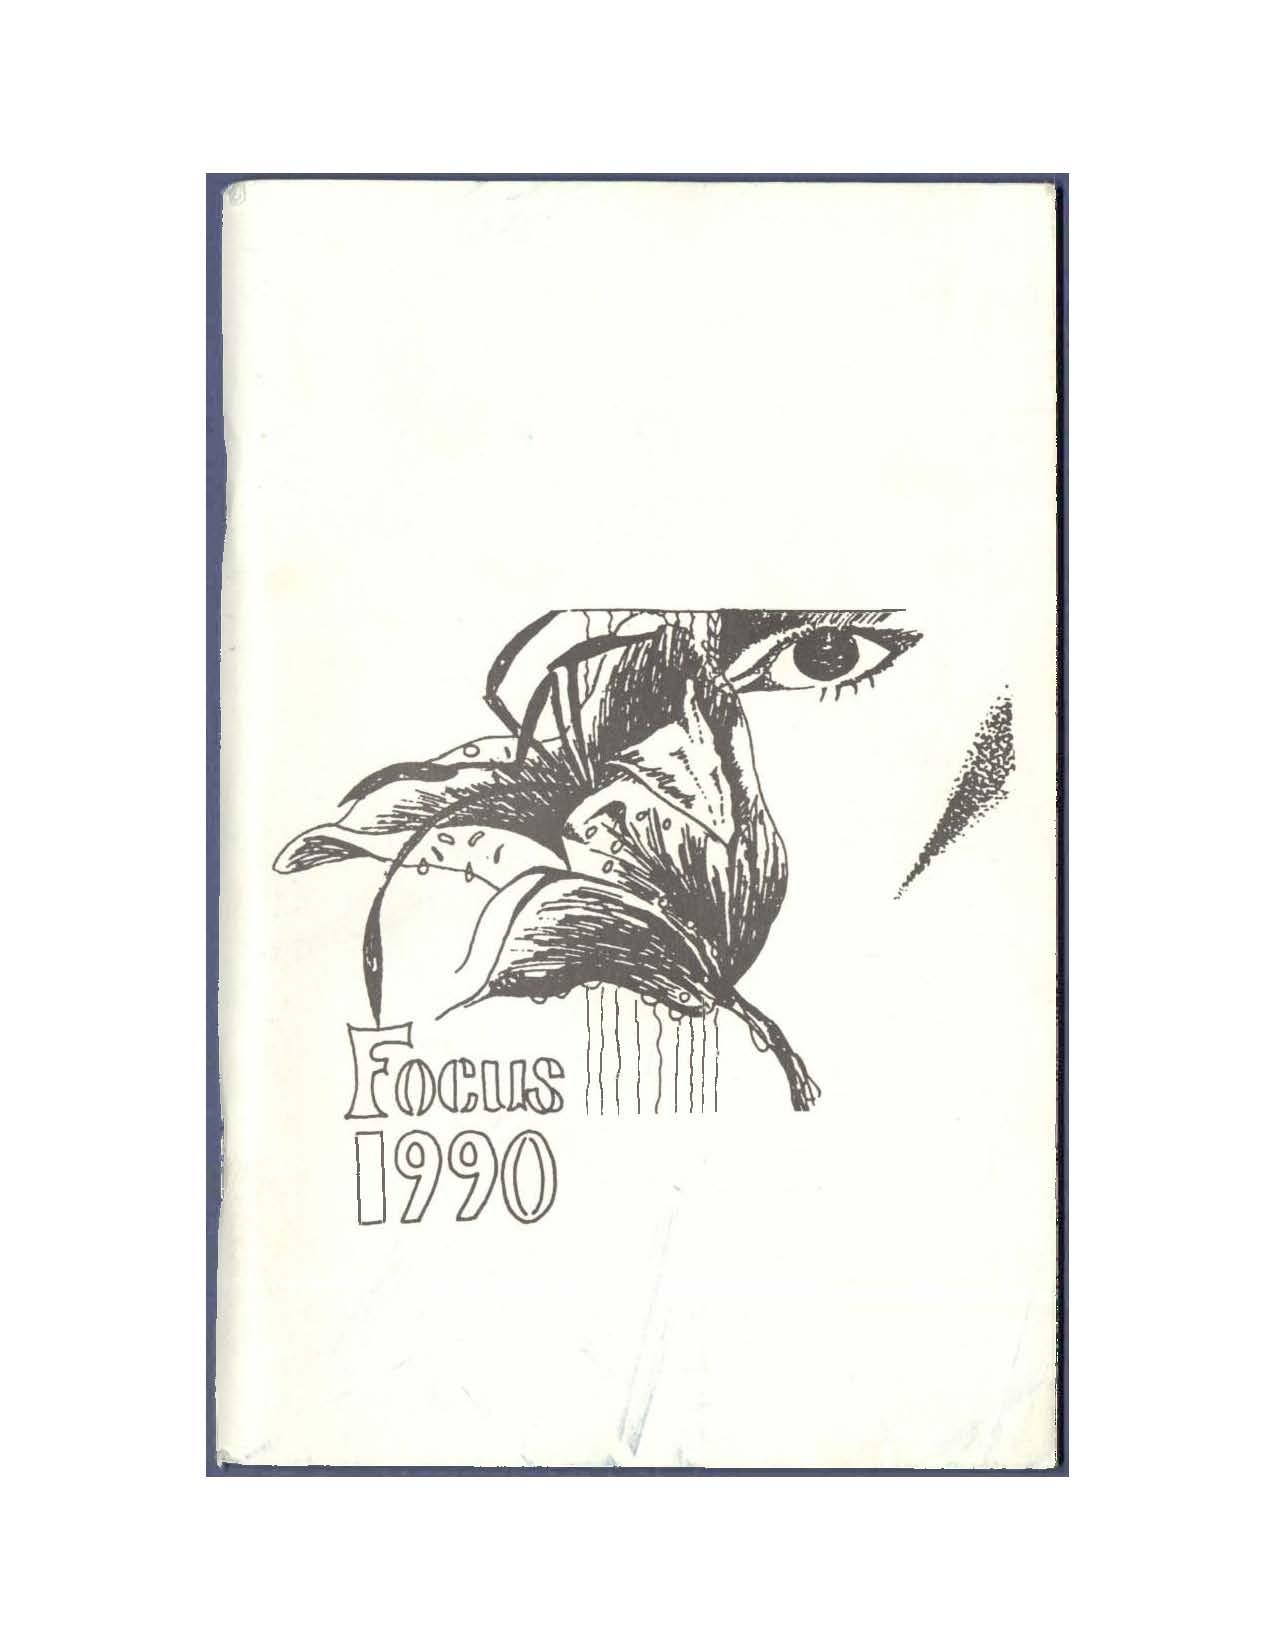 Focus 1990 Cover Image